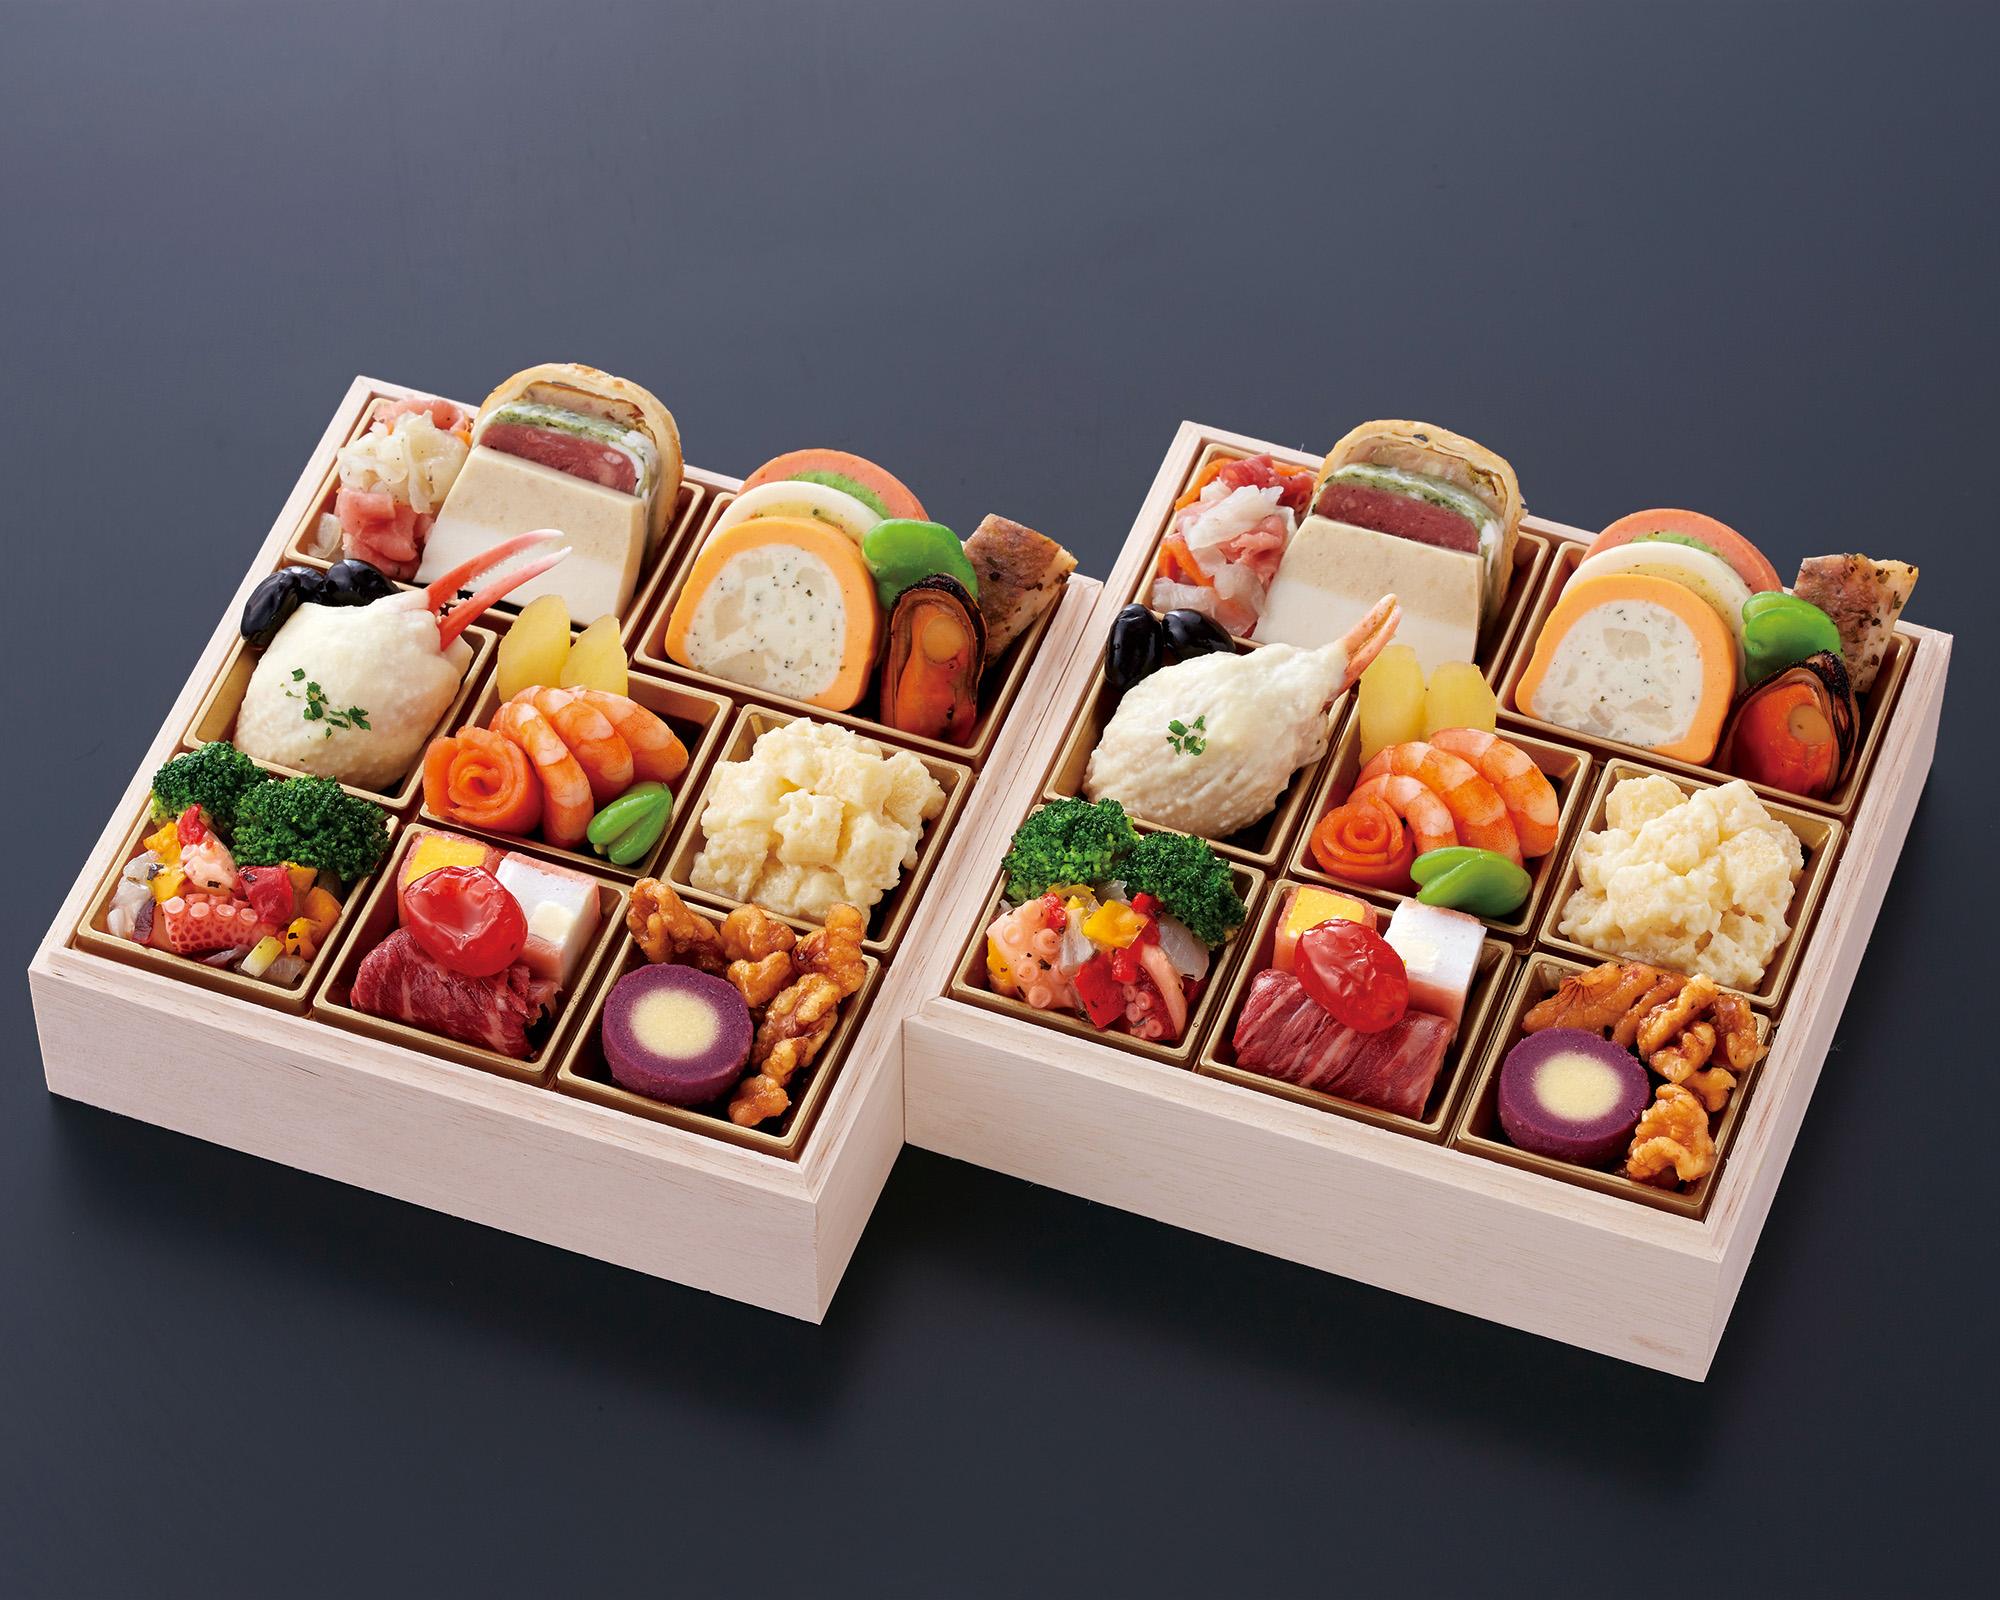 おせち料理 洋風 二段重 個食二客セット (2名様用)画像